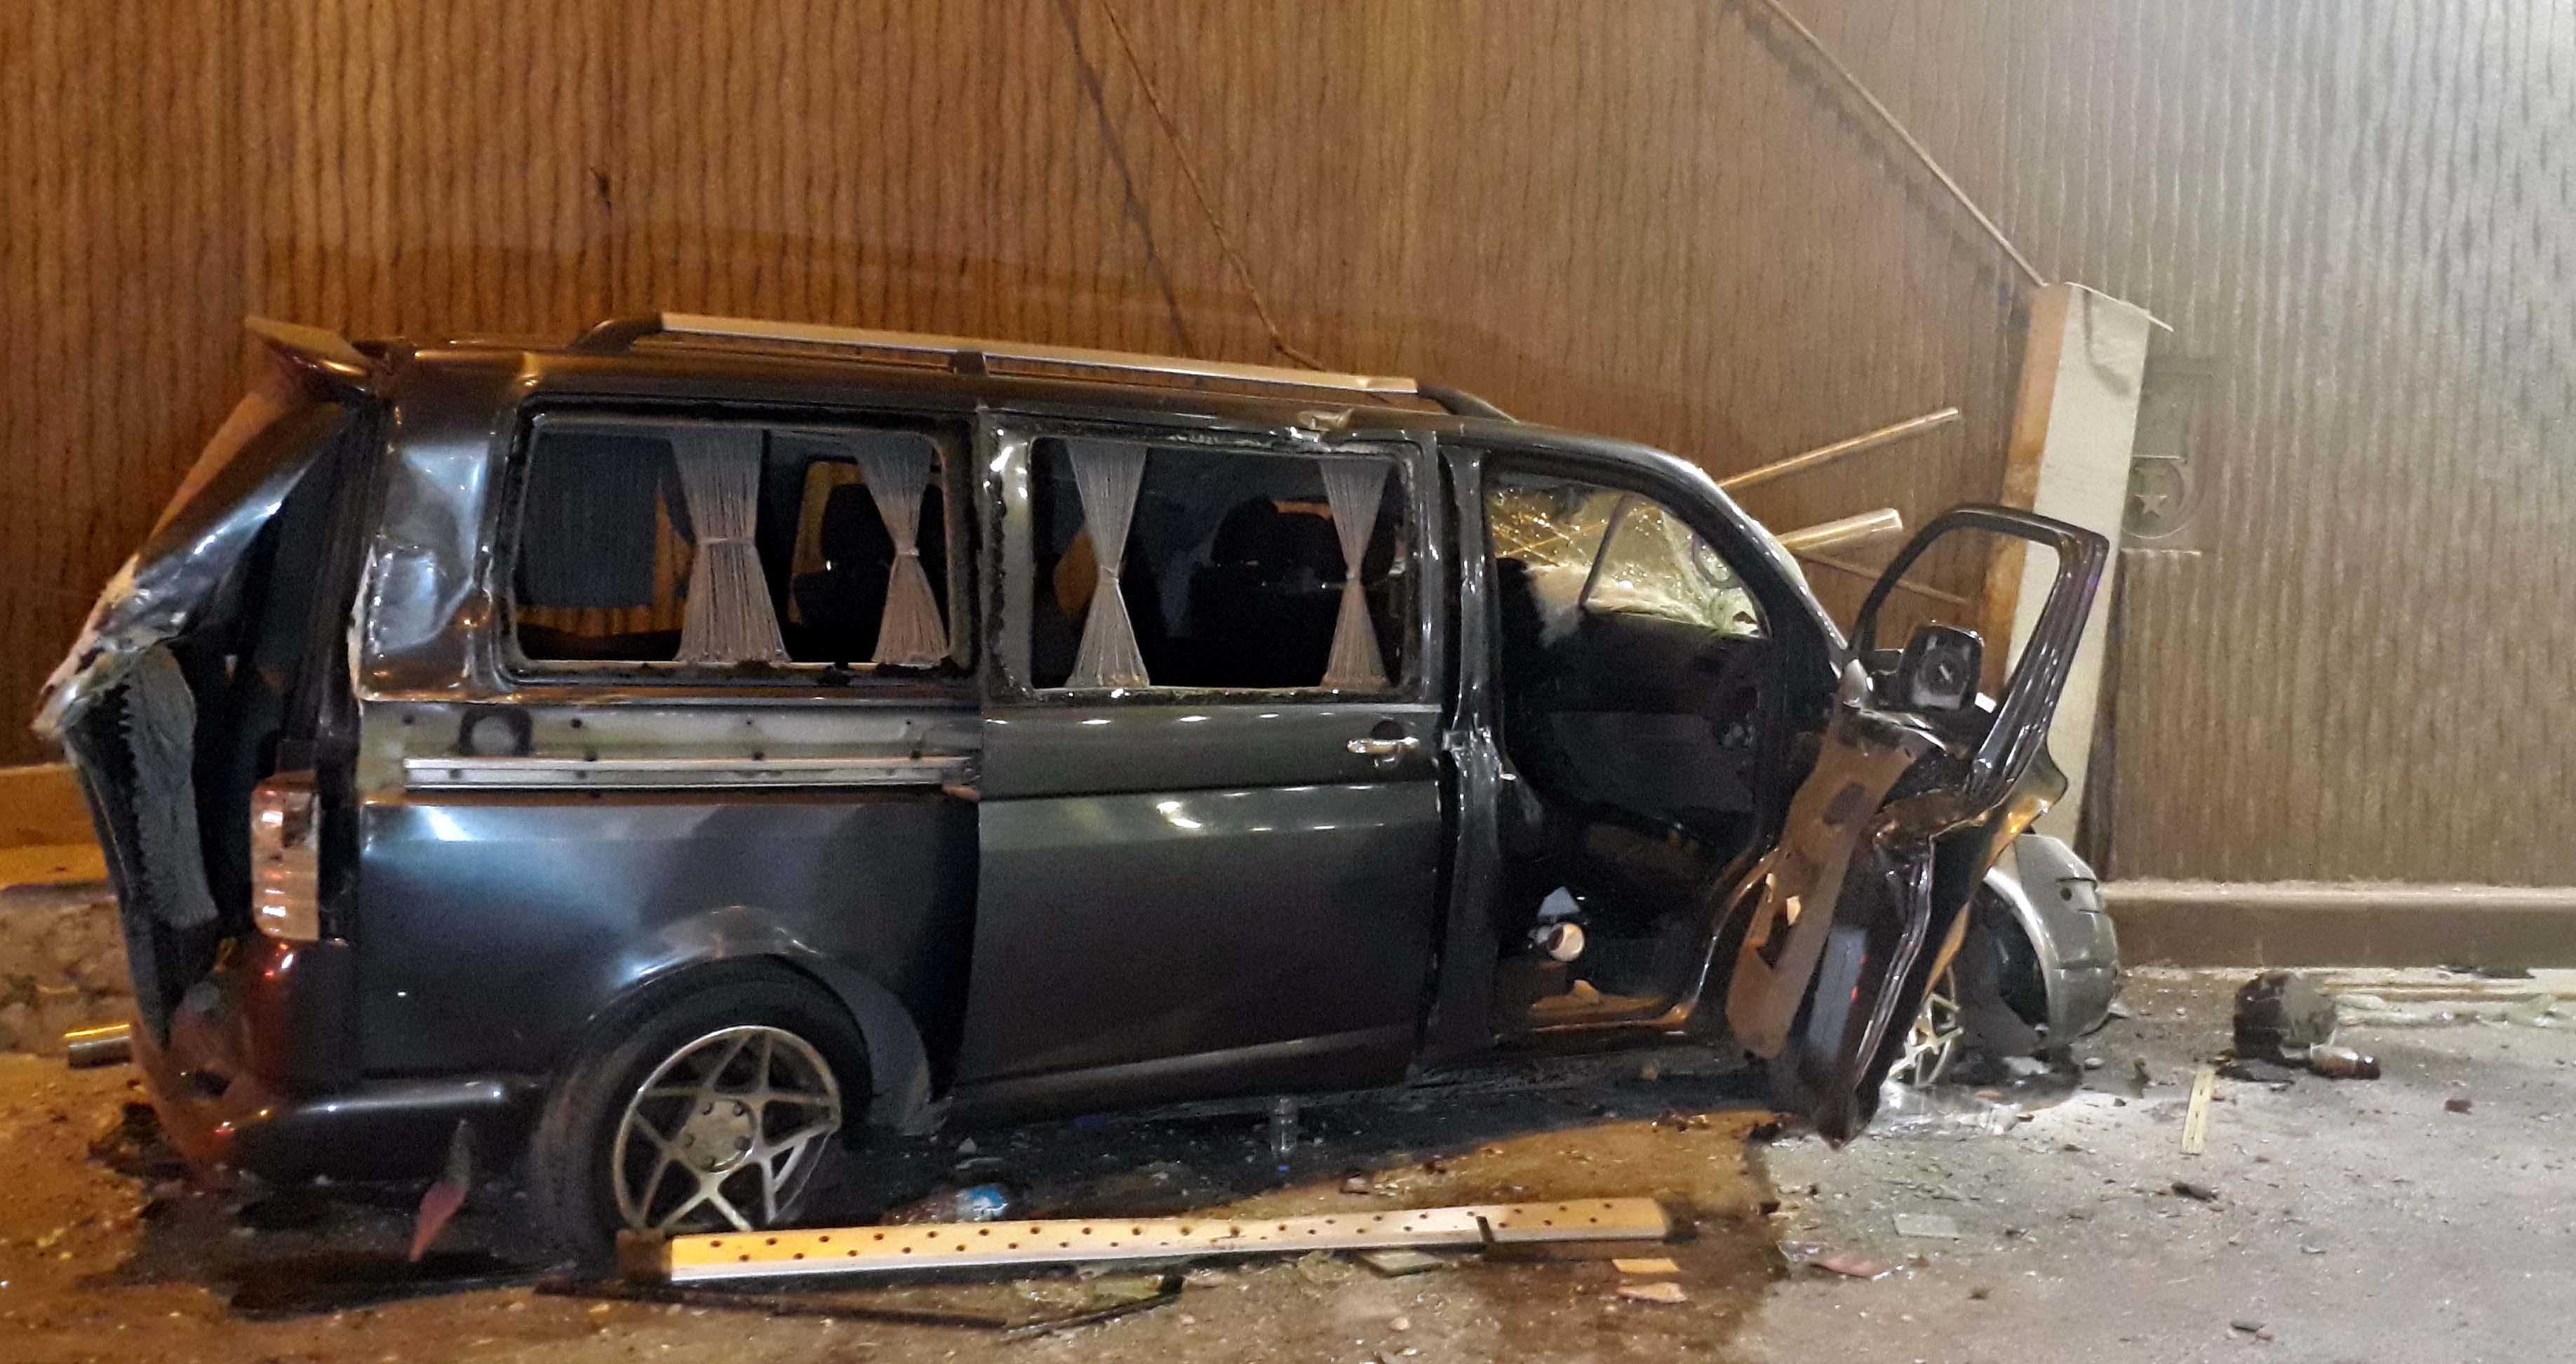 Minibüs 5 metreden alt geçide düştü: 1'i ağır, 3 yaralı